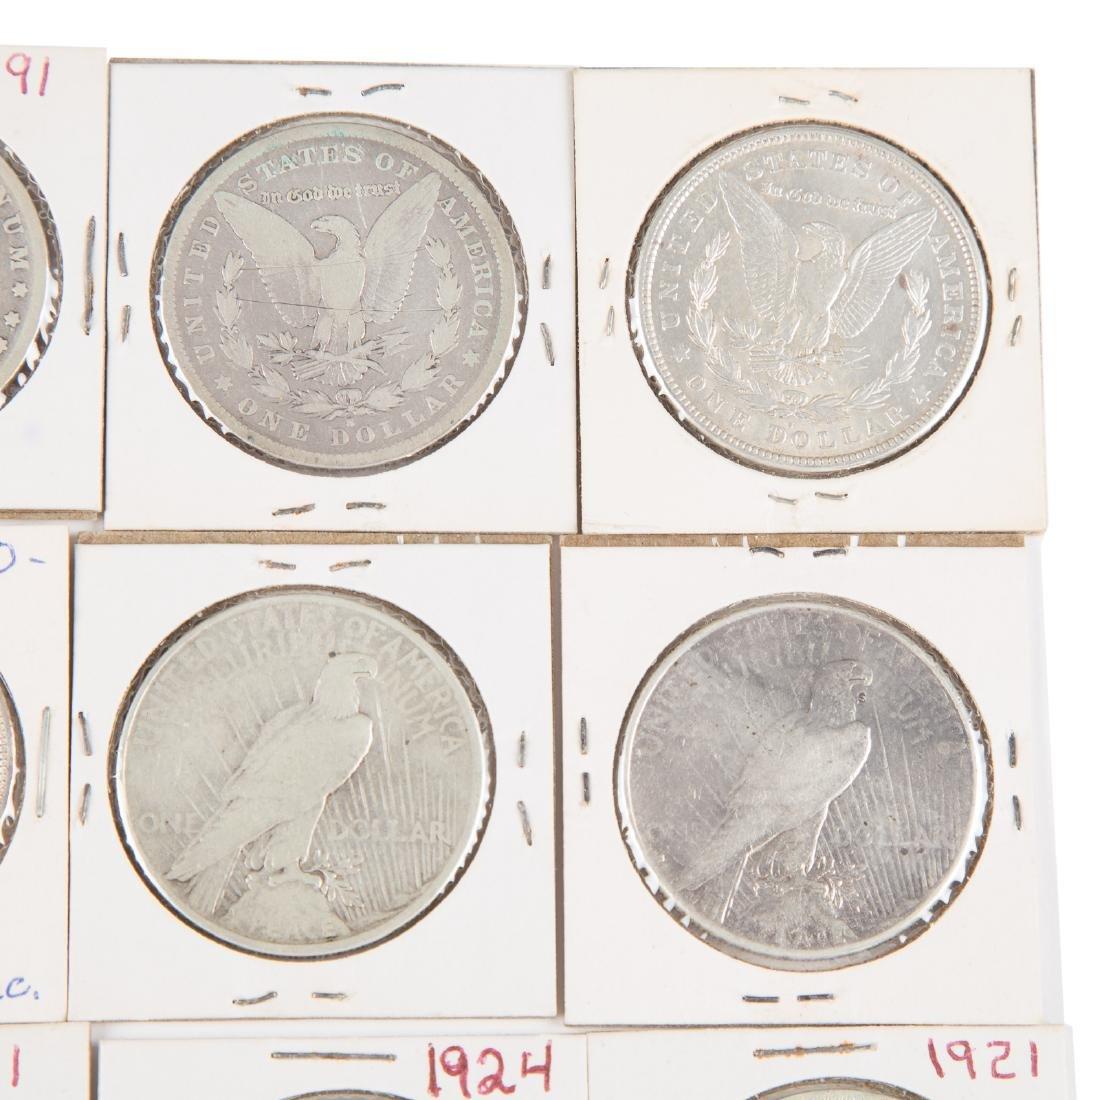 [US] 33 Morgan and Peace Silver Dollars - 5